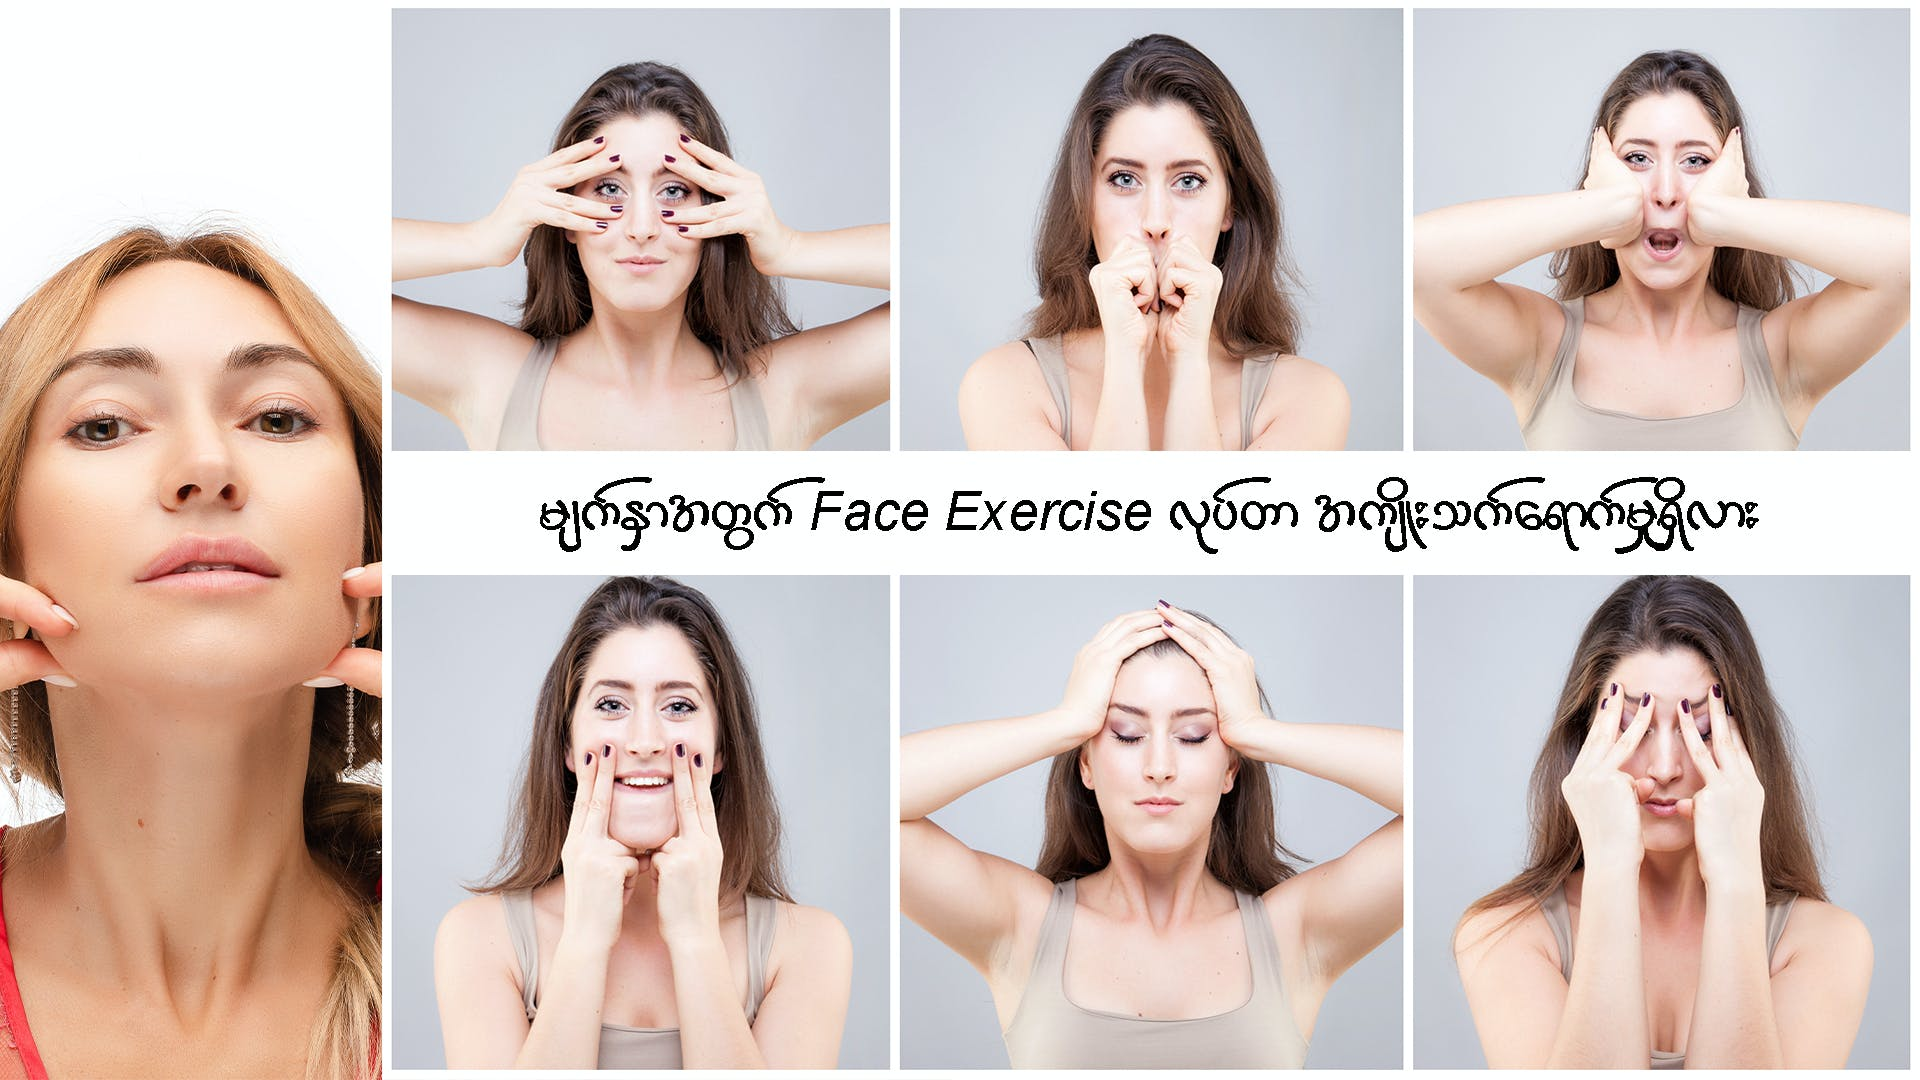 Face exercise တွေက တကယ်အကျိုးသက်ရောက်မှုရှိရဲ့လား